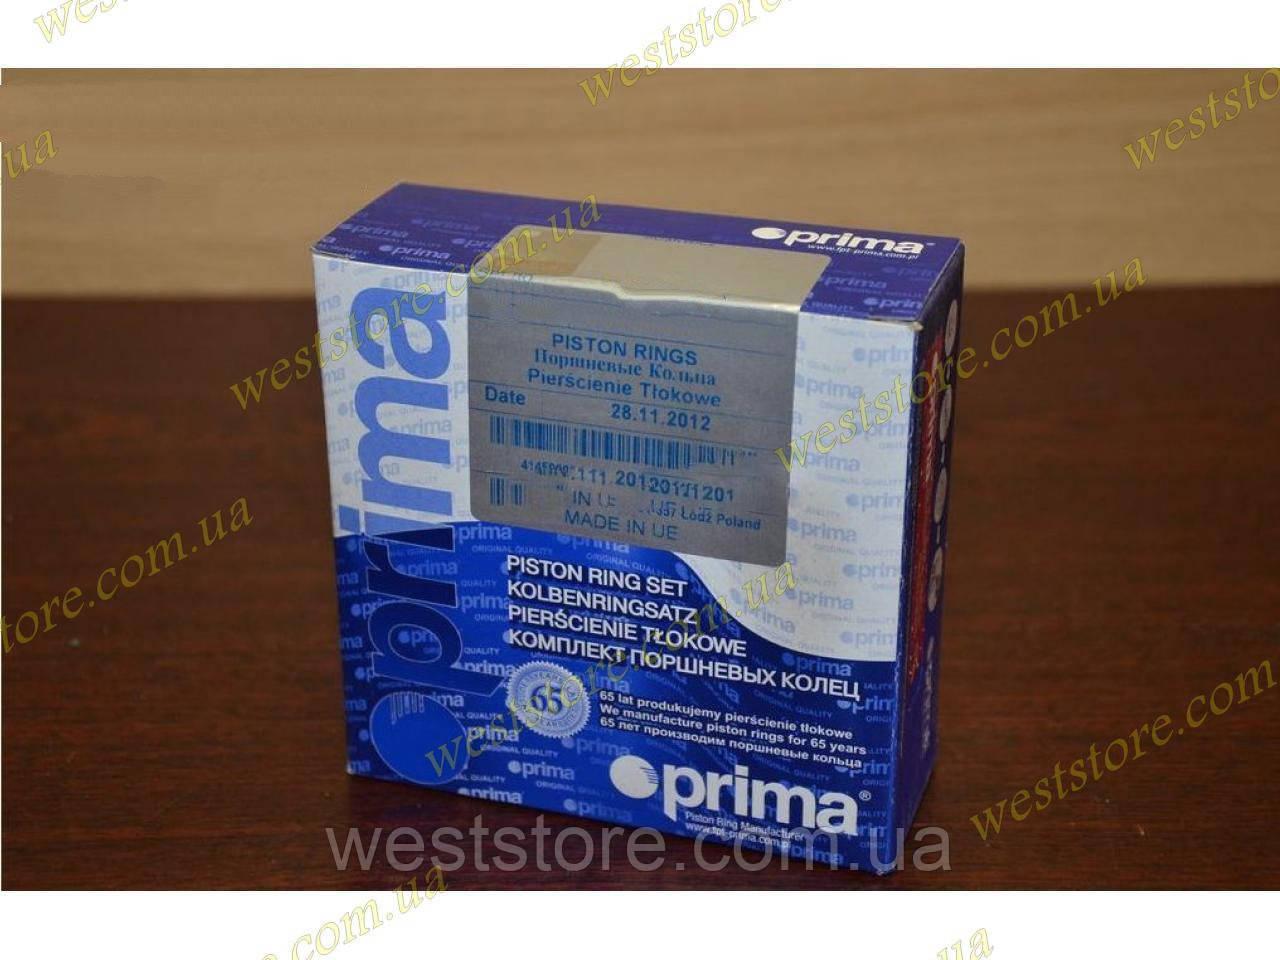 Кольца поршневые Москвич 2140,412 ф 85.5 Prima  (К4-2000-050)